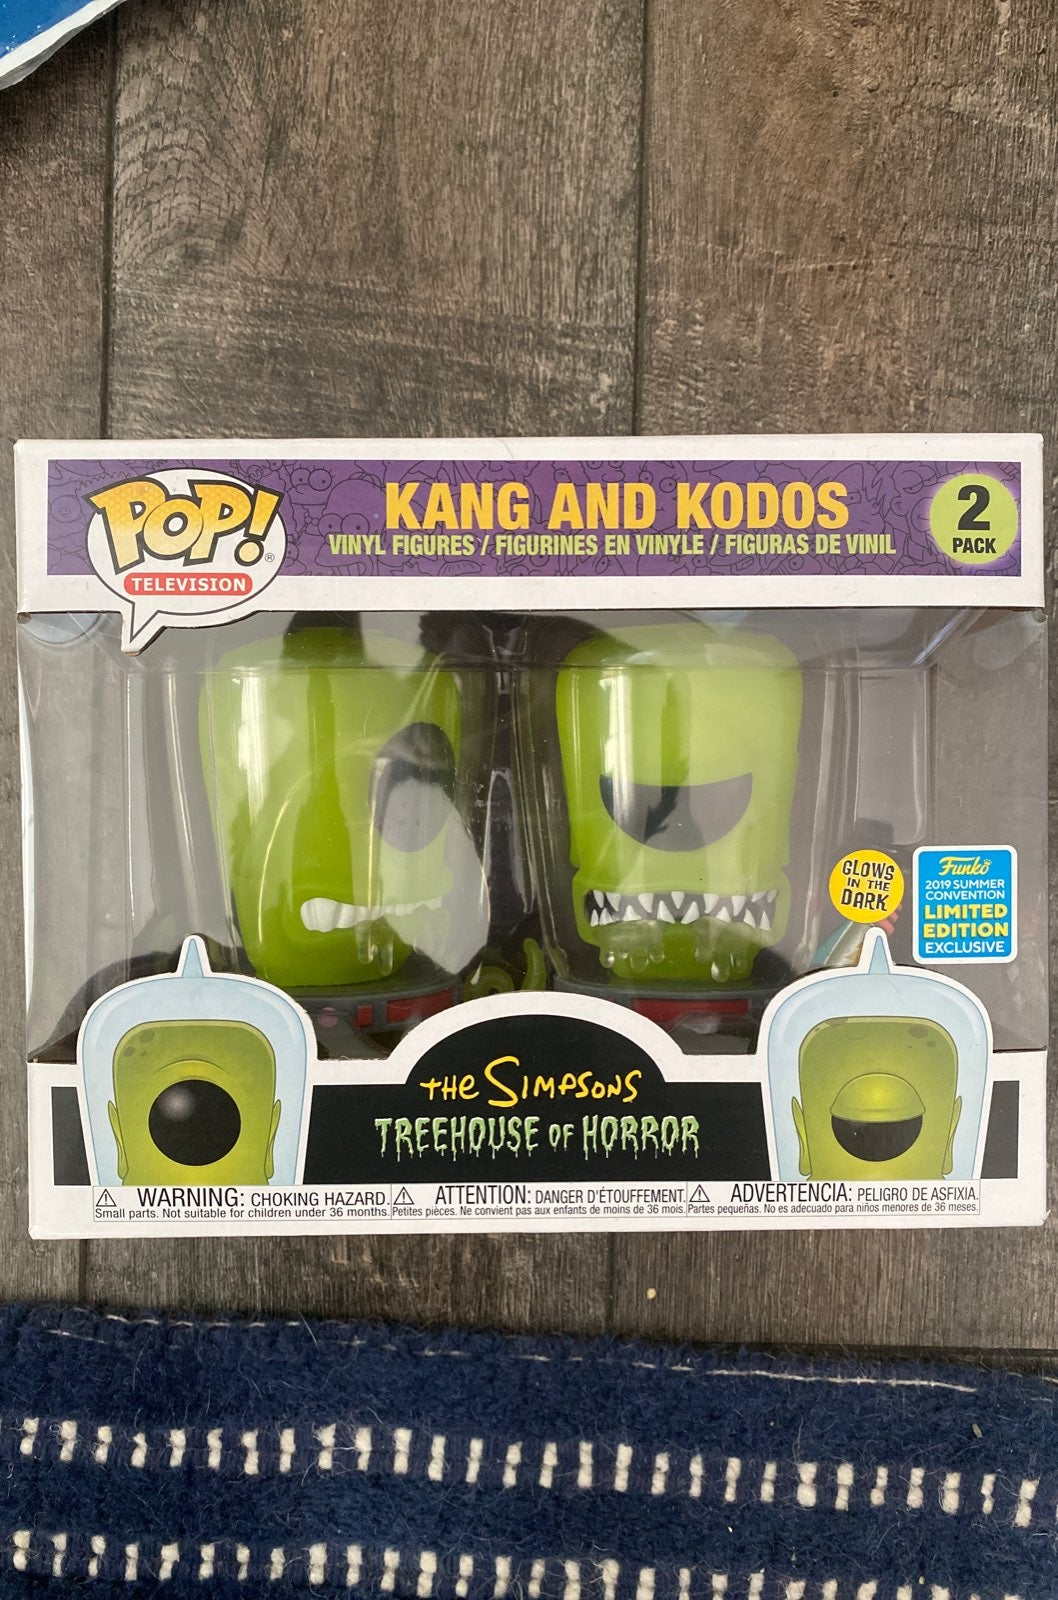 kang and kodos Funko pop SDCC 2019